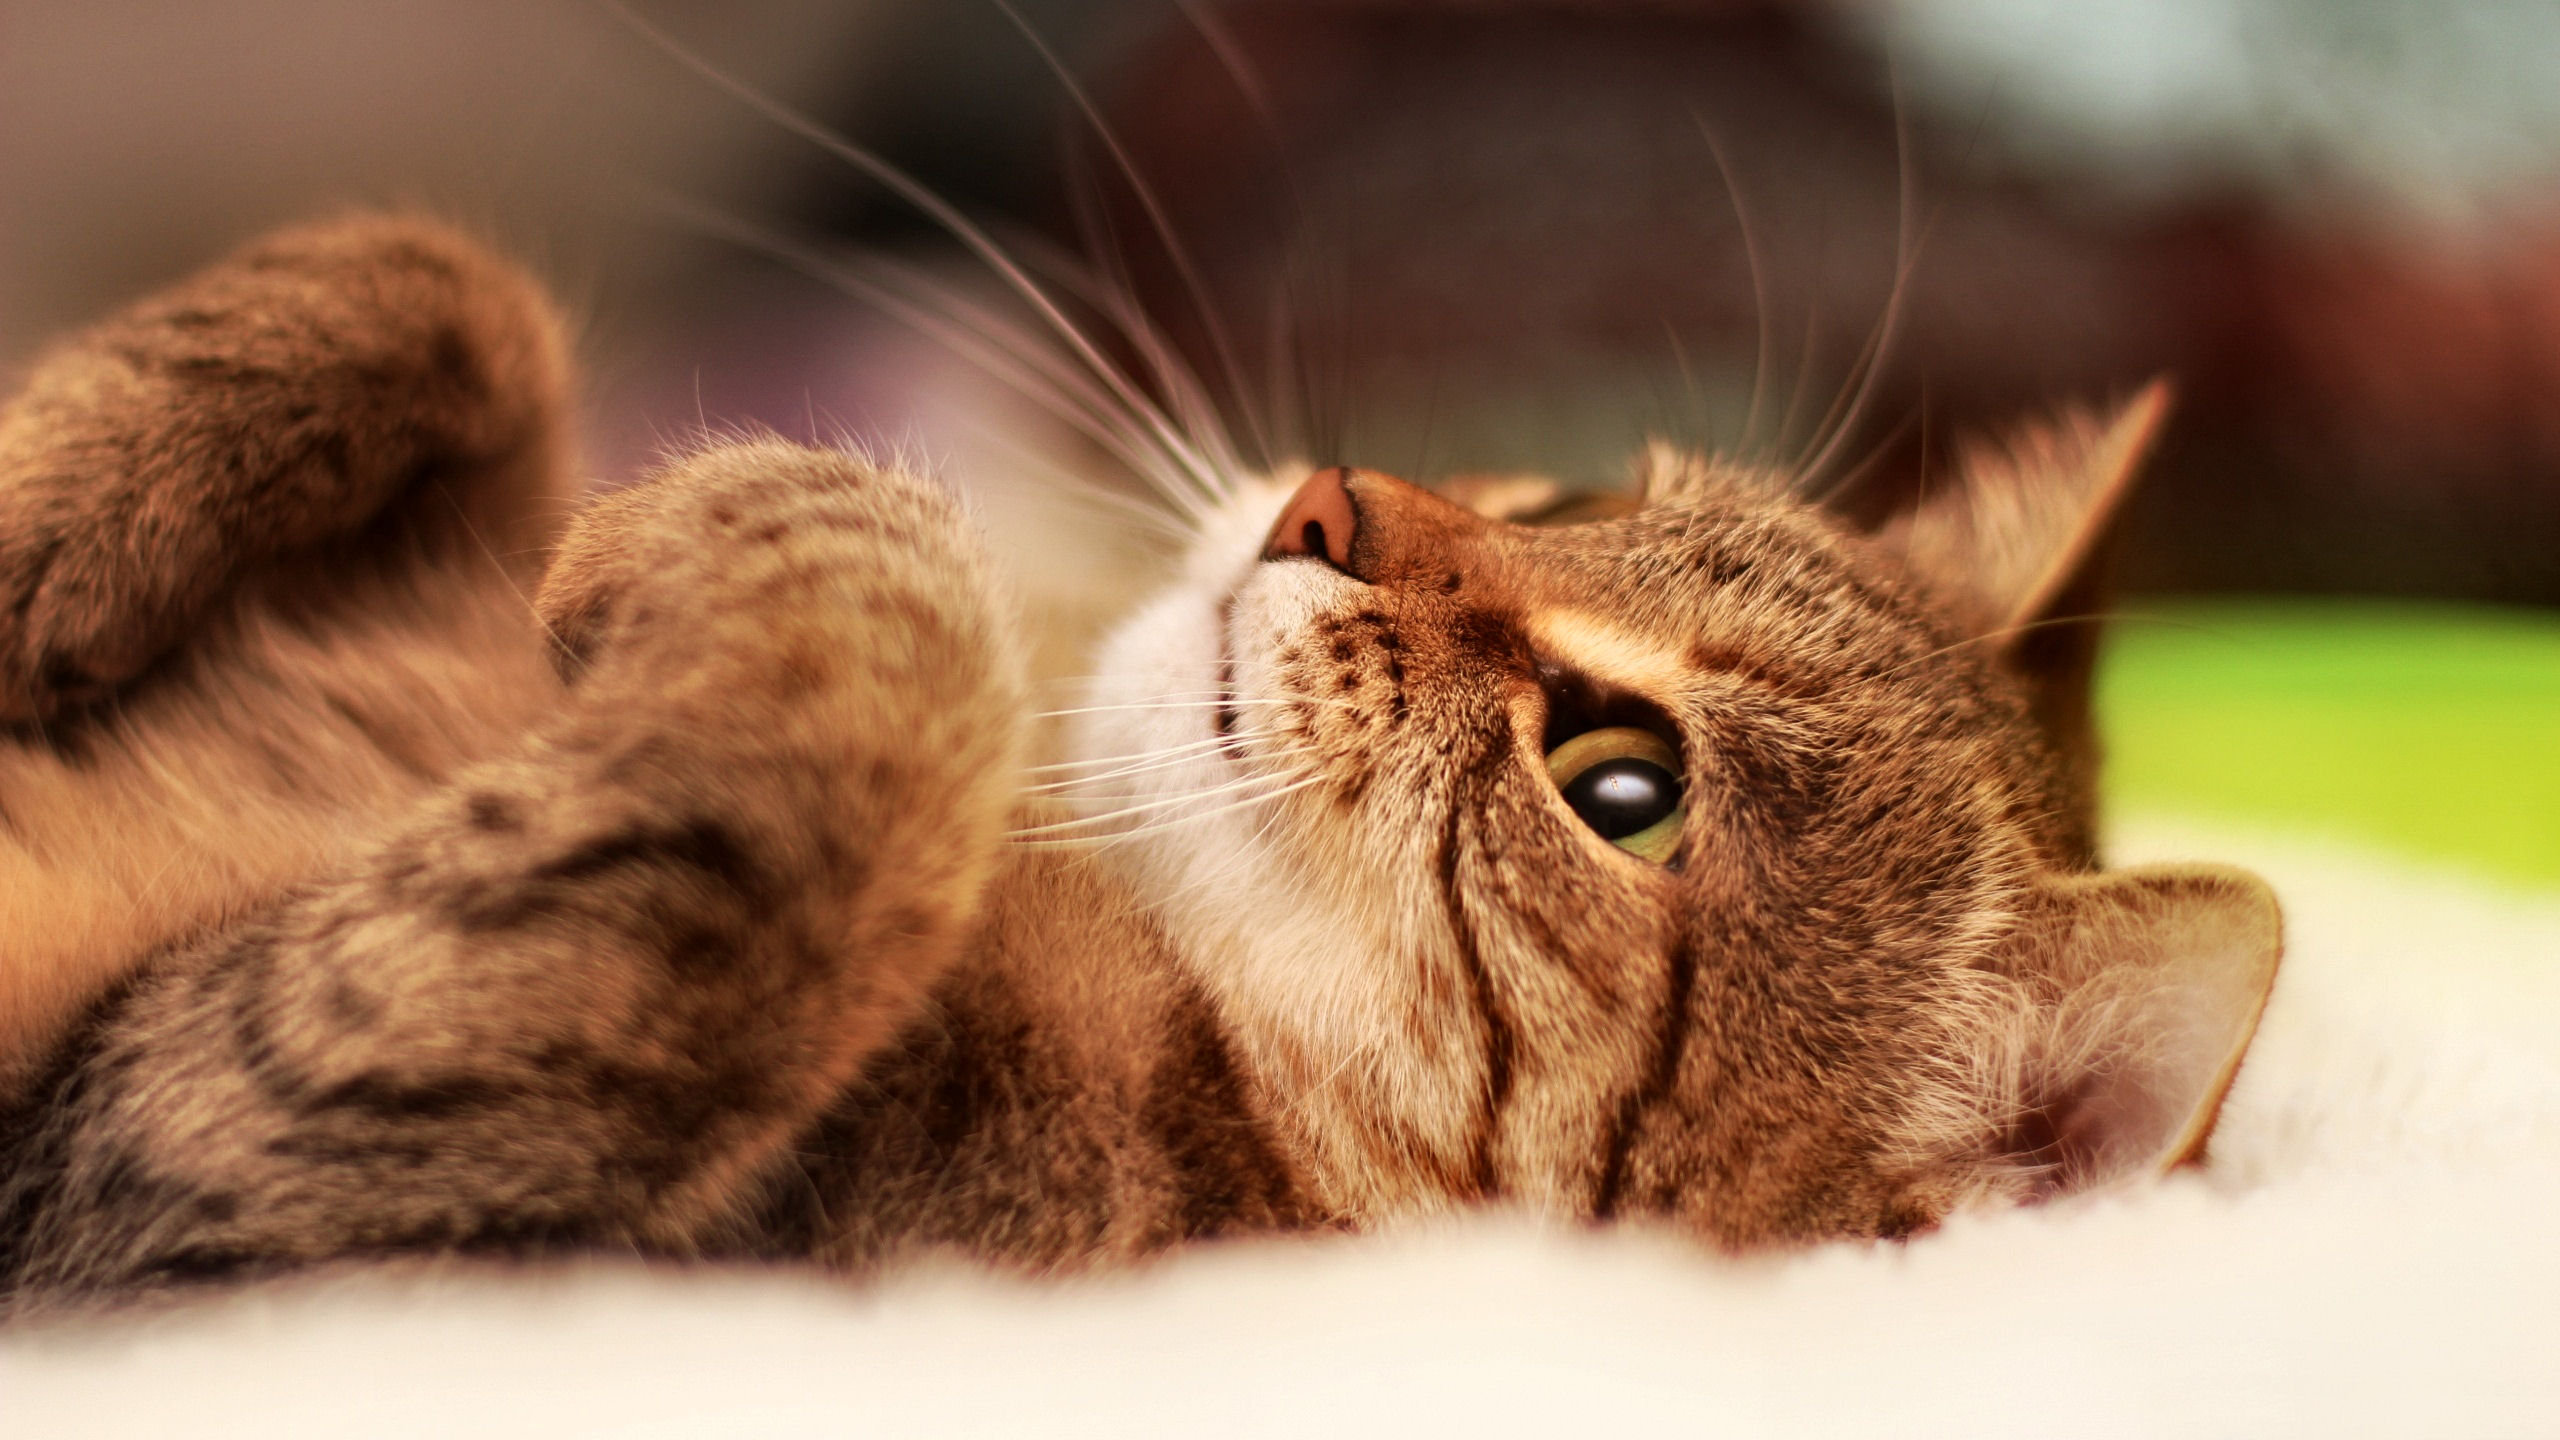 壁纸 动物 猫 猫咪 小猫 桌面 2560_1440